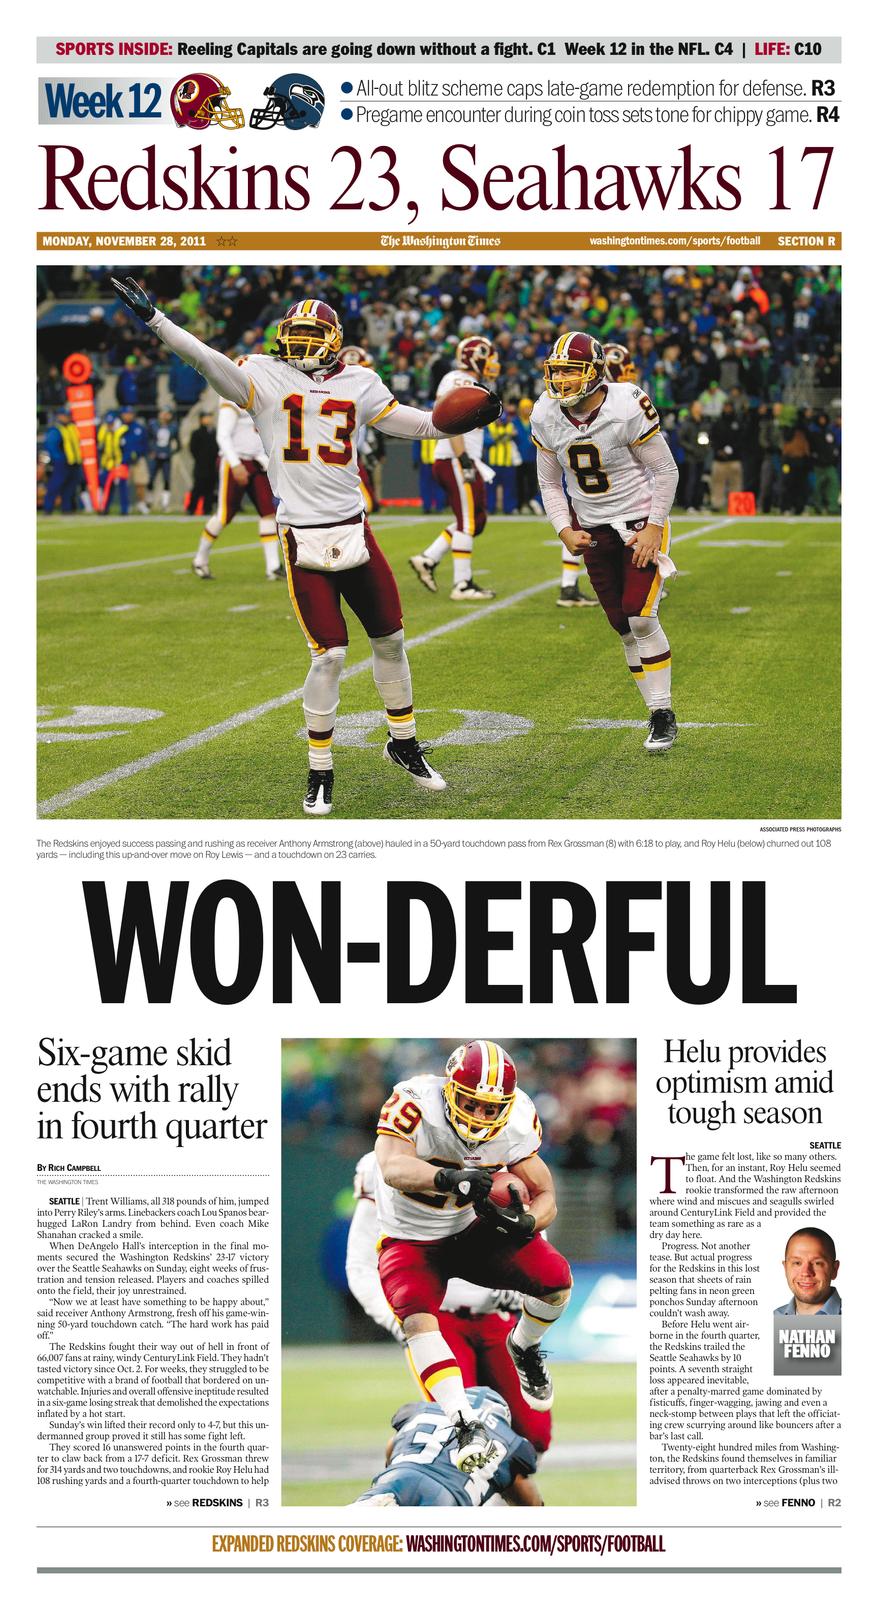 Week 12: Redskins 23, Seahawks 17